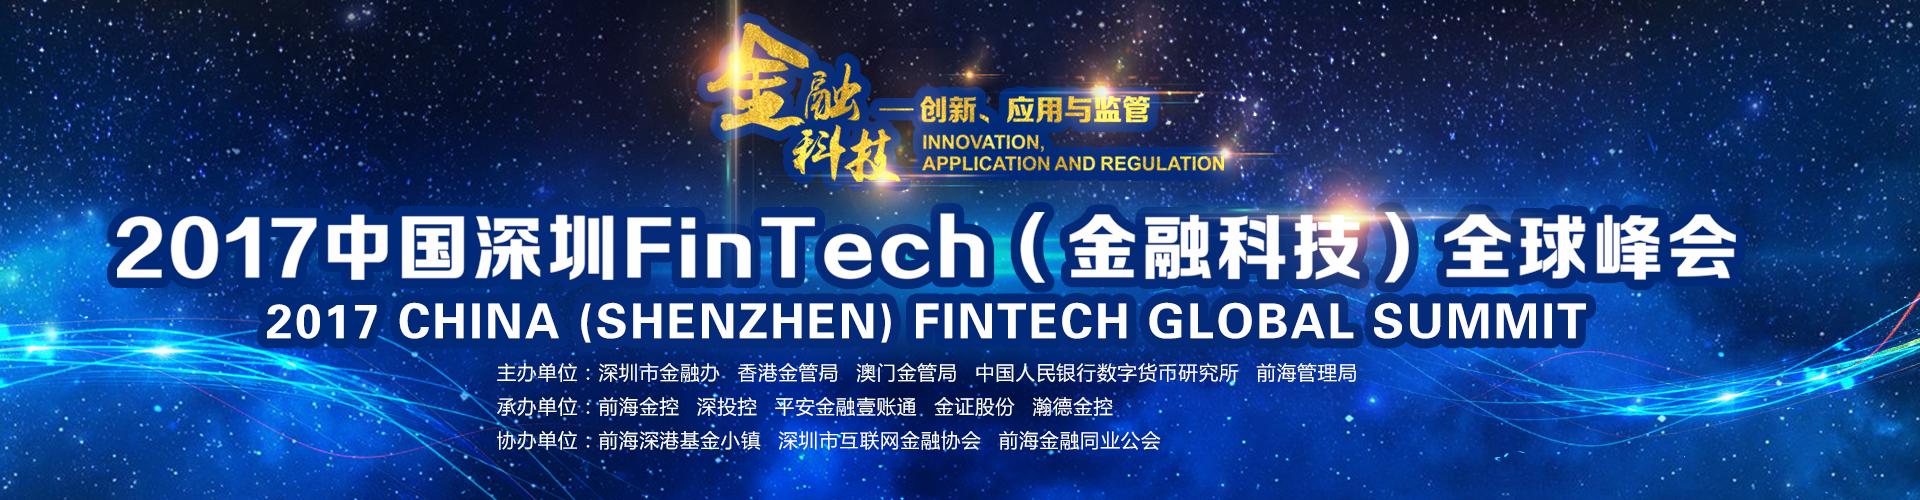 2017中国深圳FinTech(金融科技)全球峰会